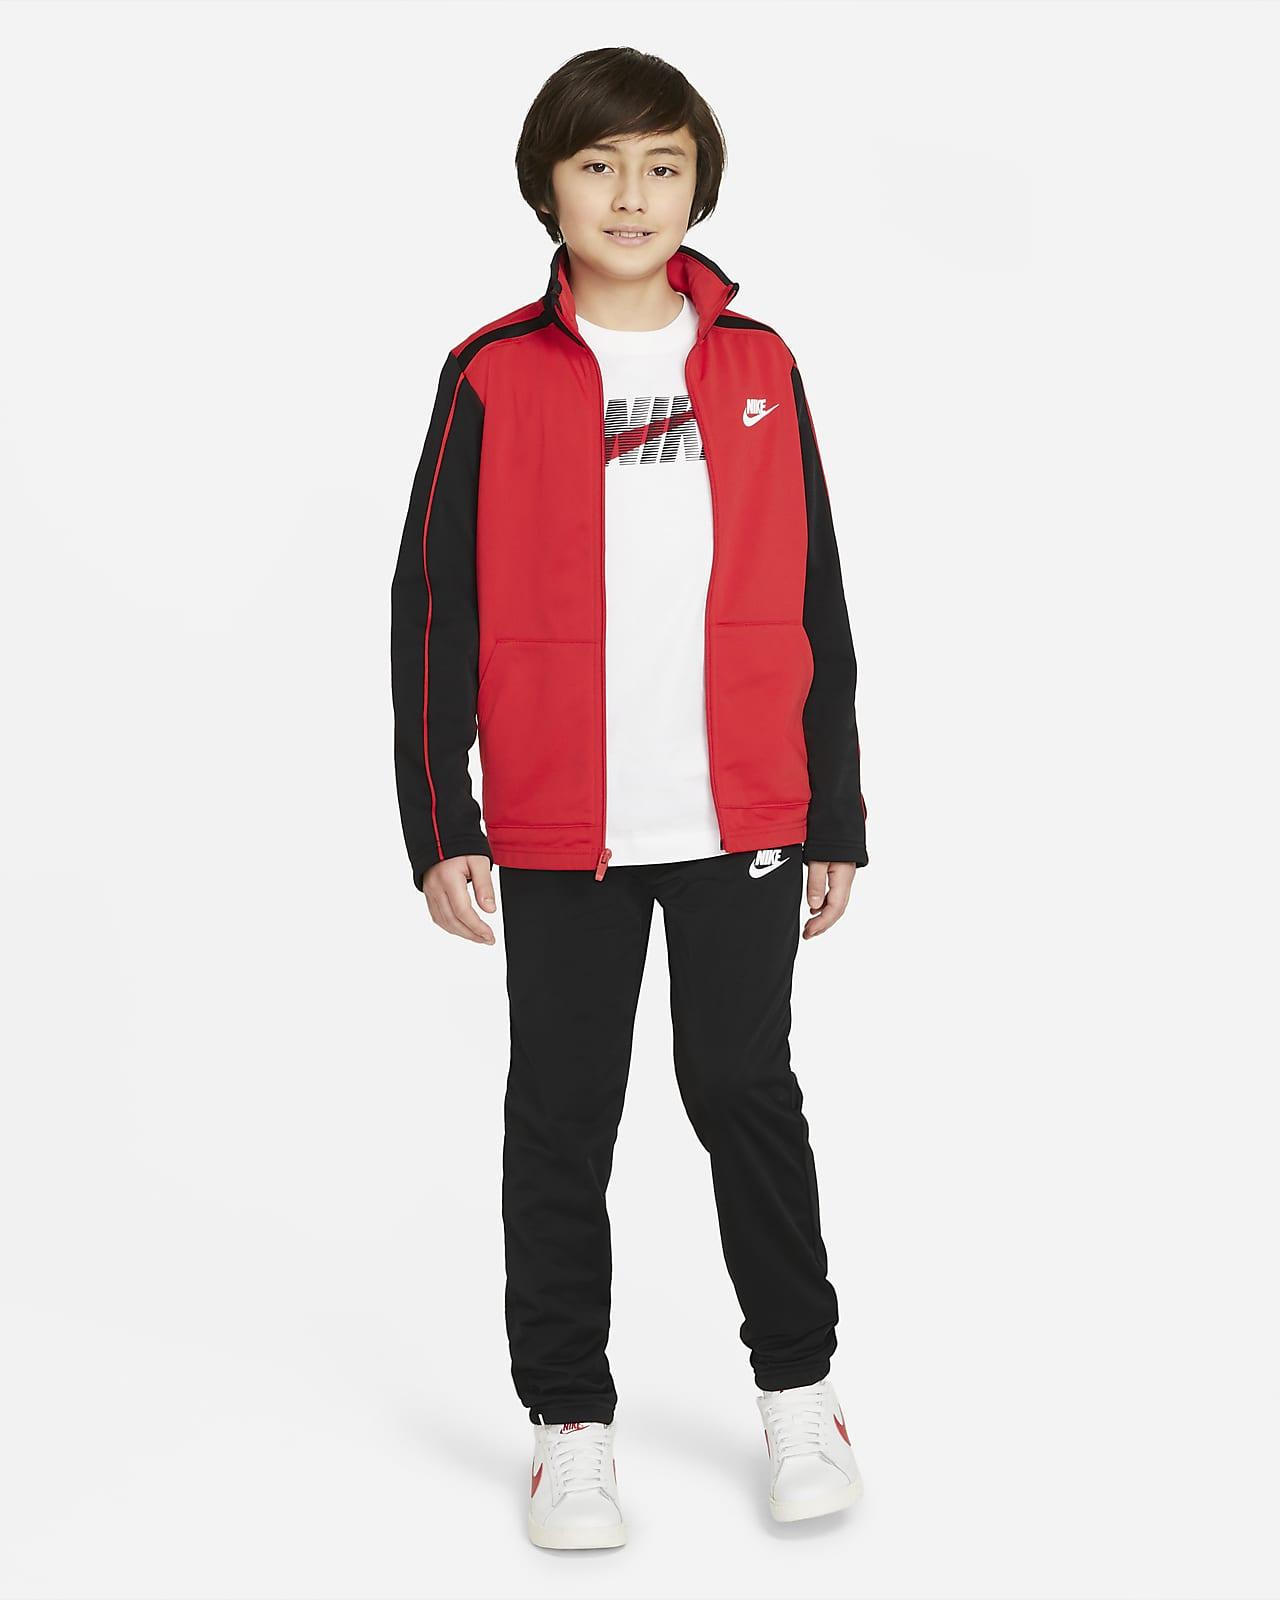 Φόρμα Nike Sportswear για μεγάλα παιδιά